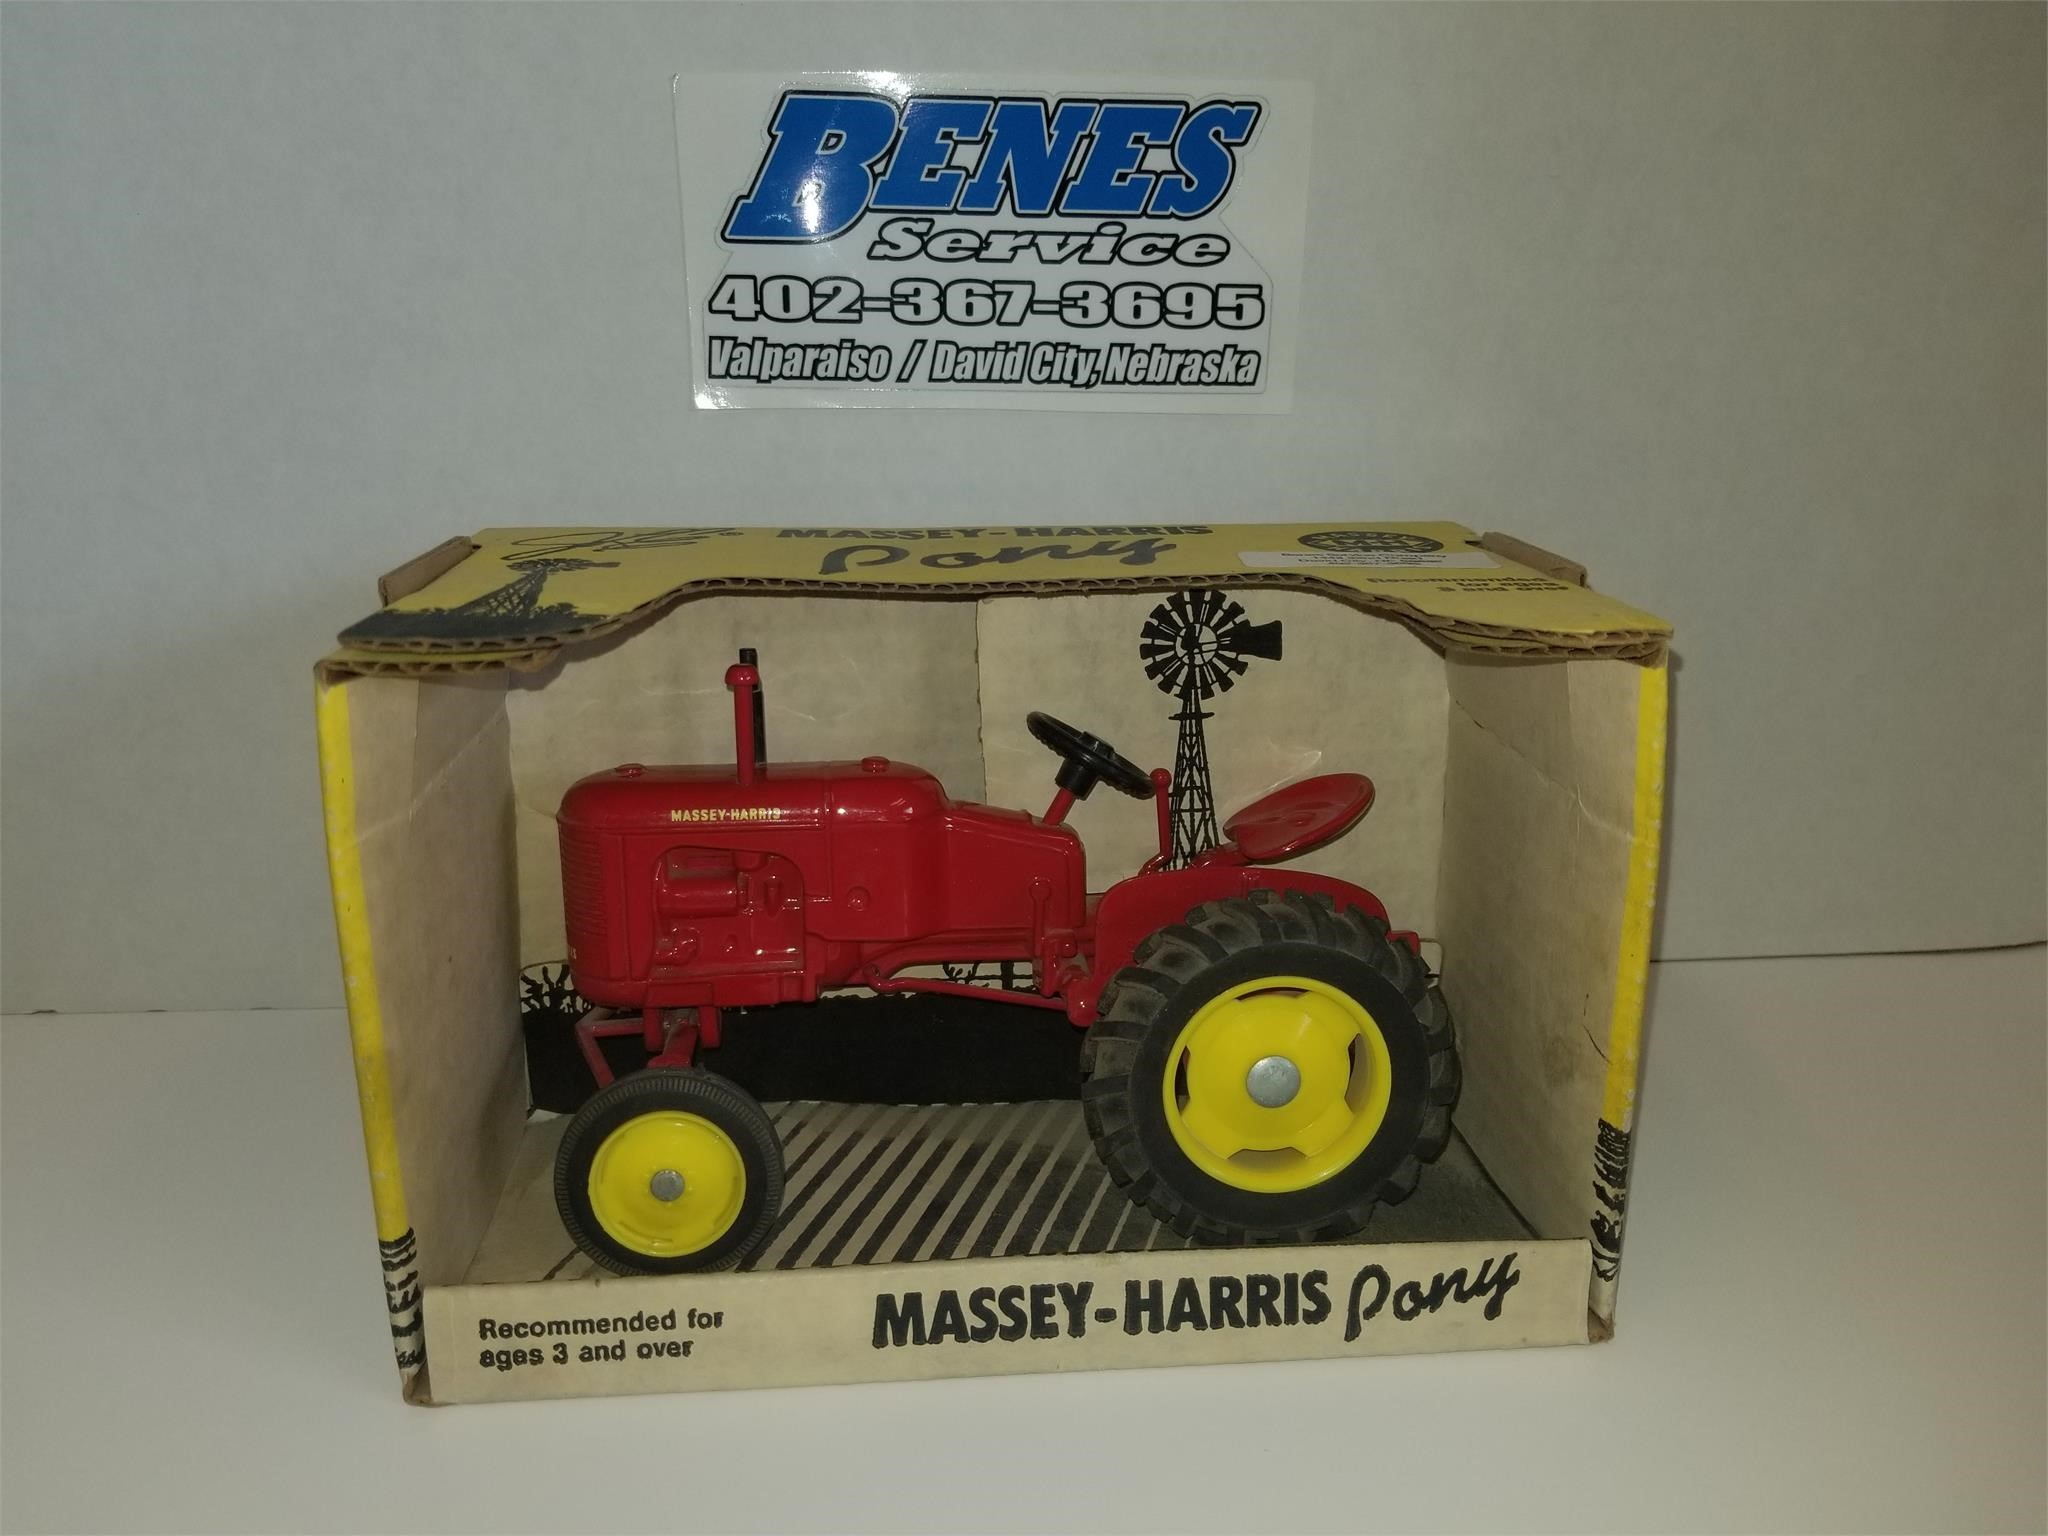 Massey-Harris Pony Tractor